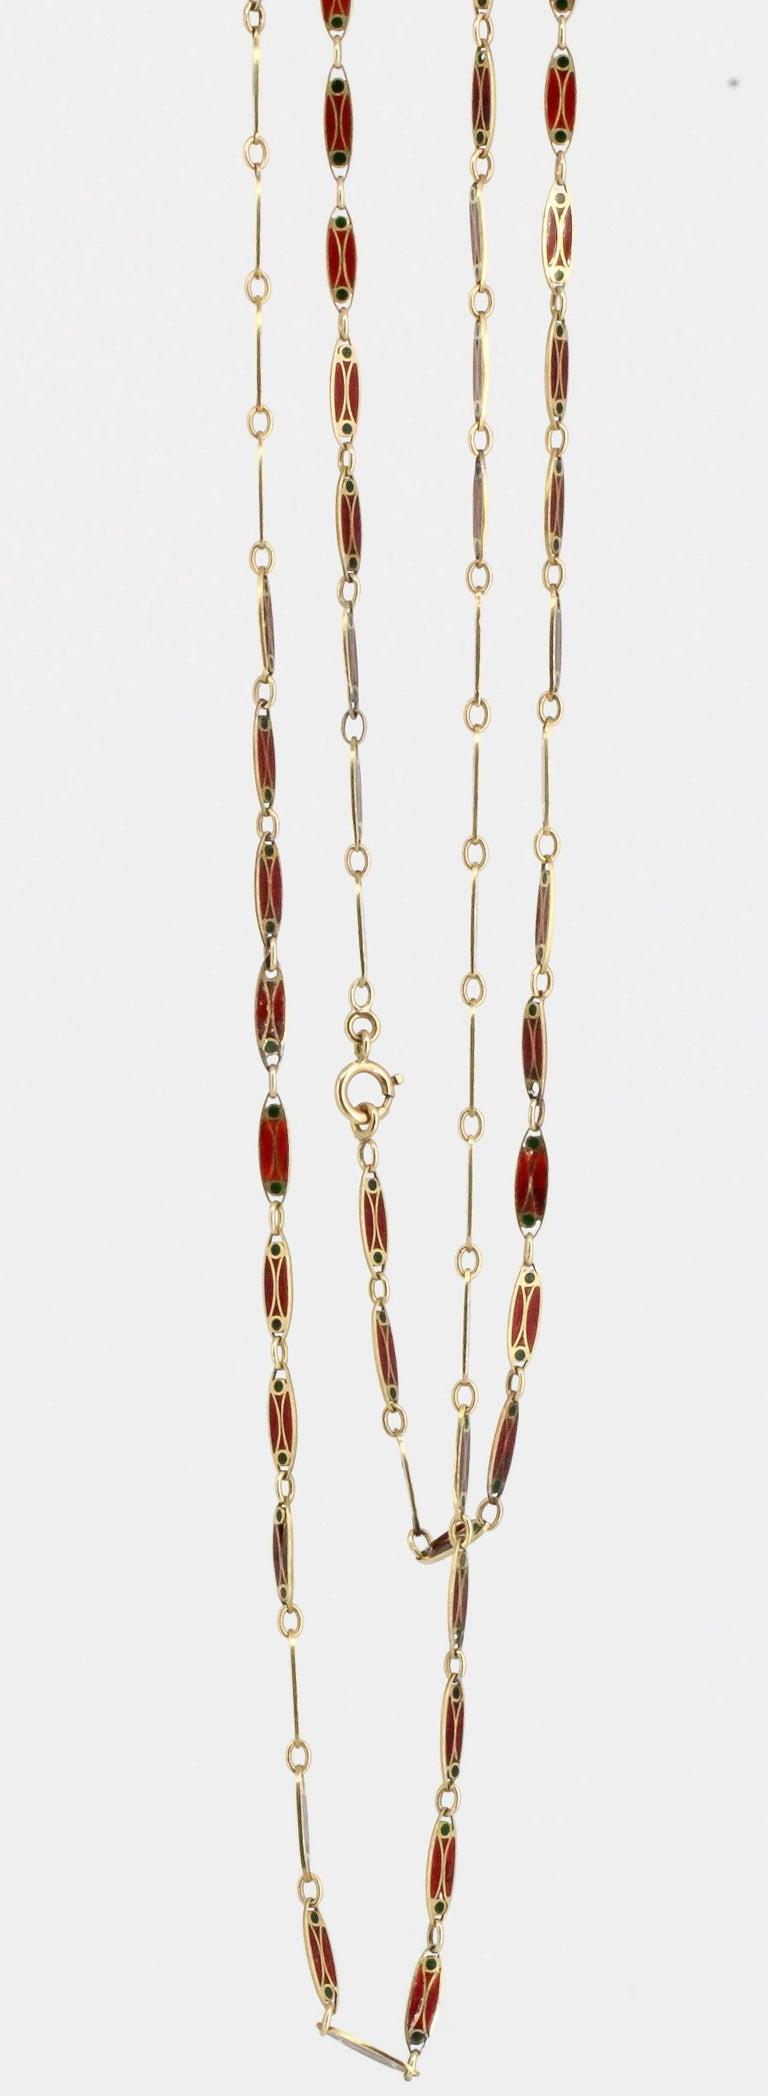 Victorian Plique-à-Jour Enamel and Gold Long Link Chain Necklace For Sale 1